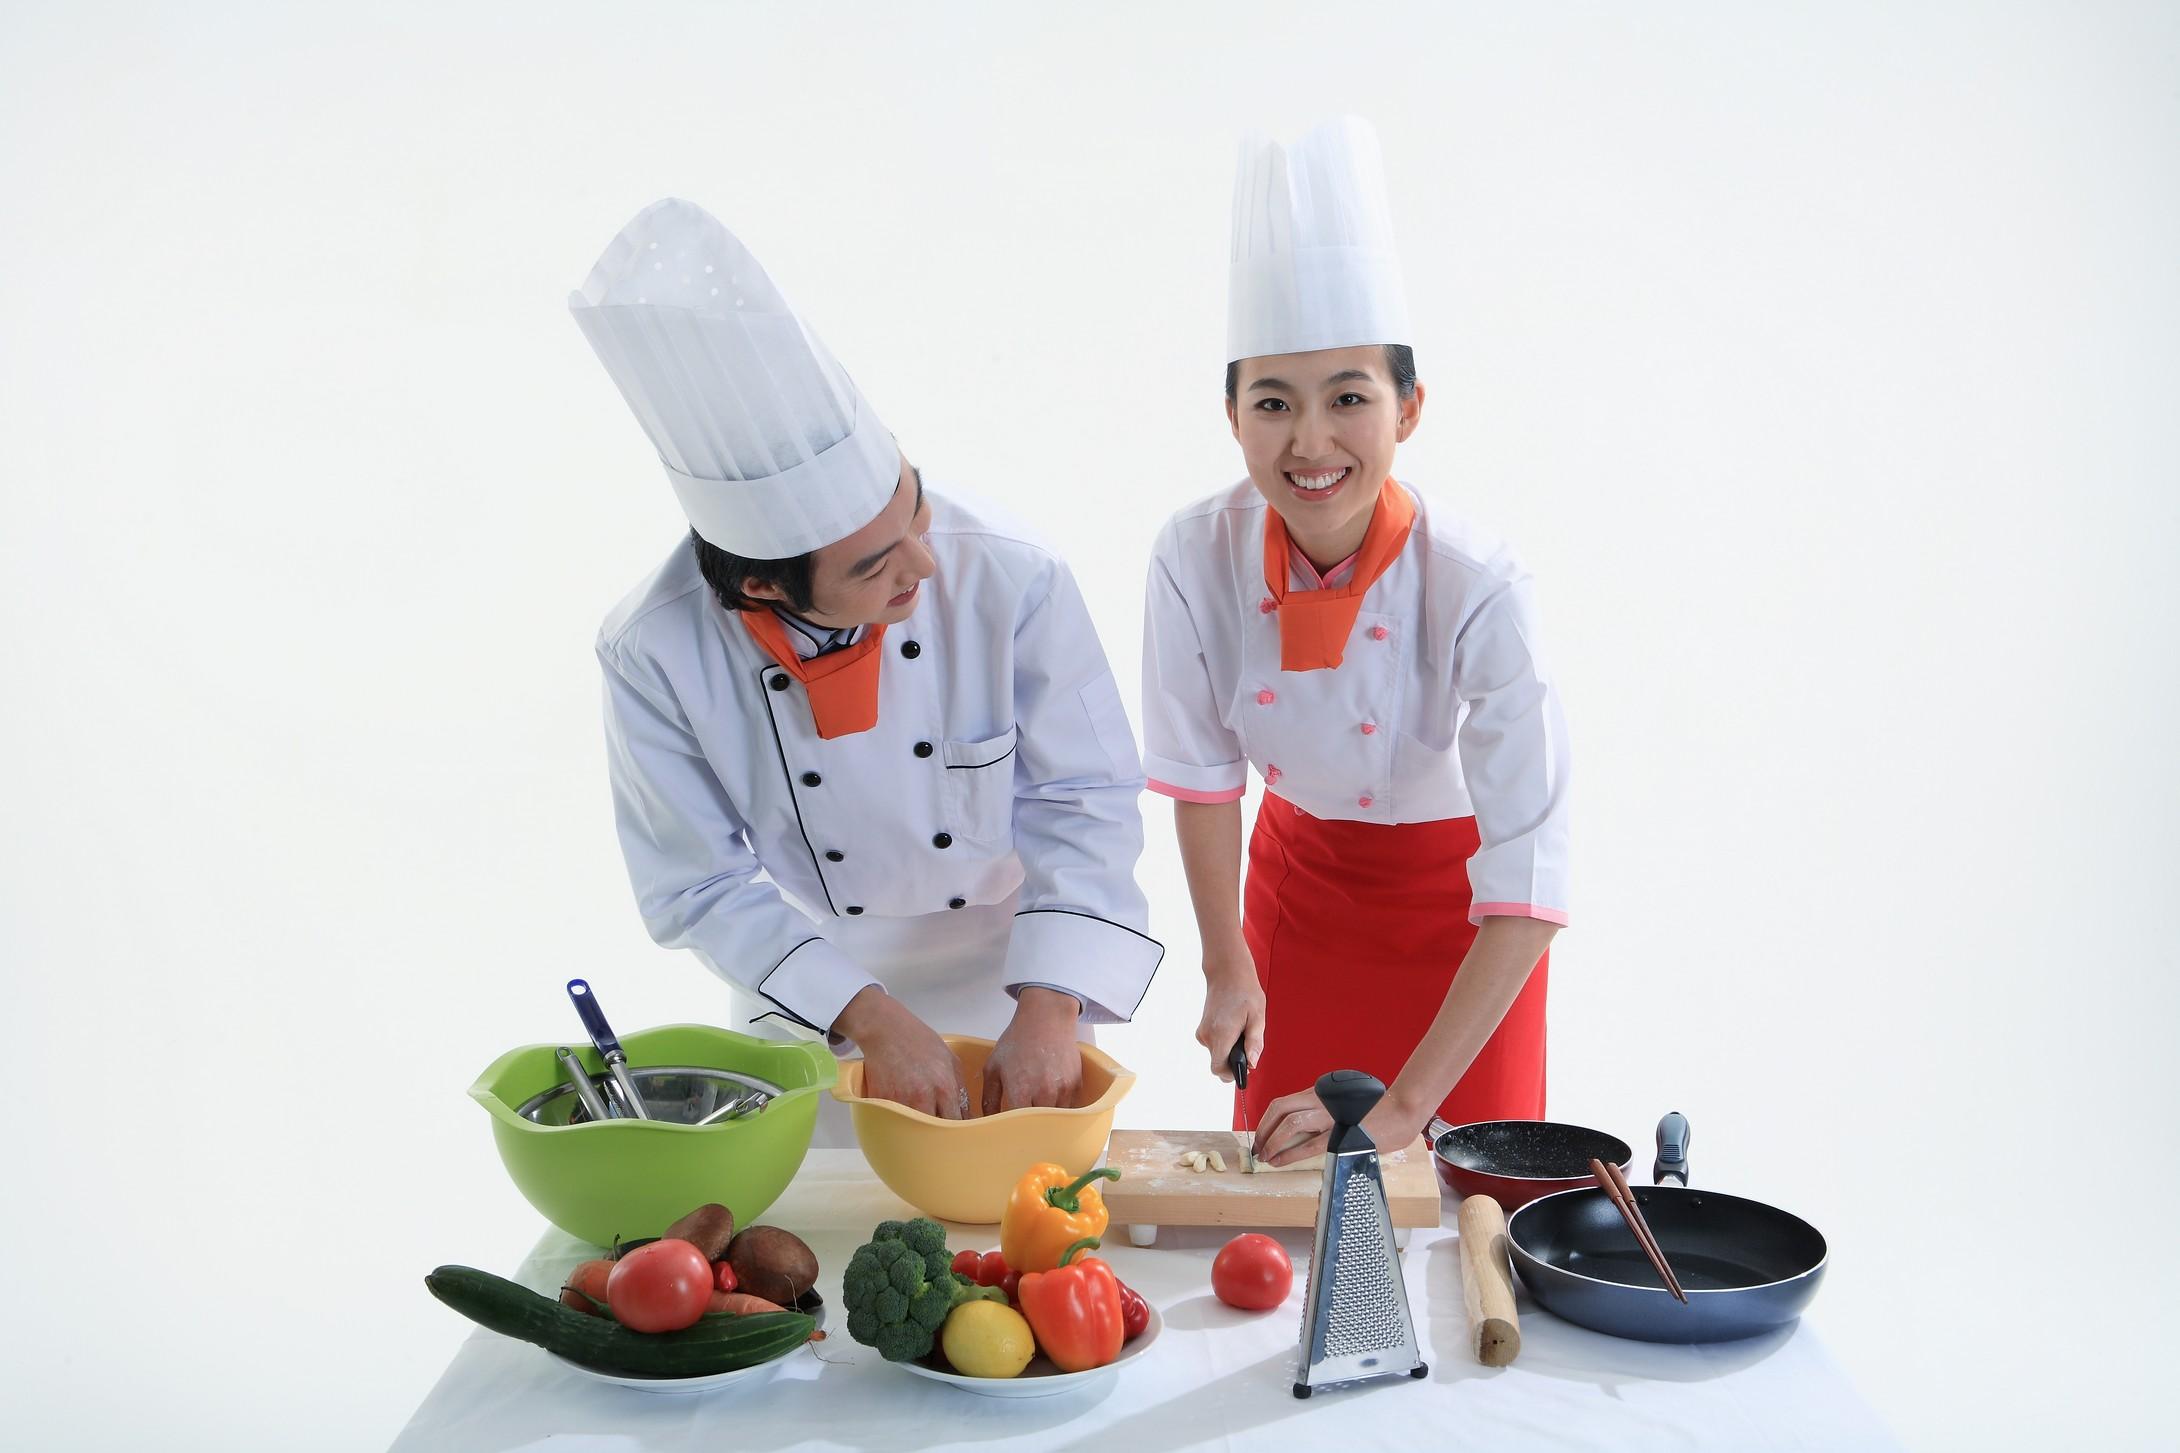 這些烹飪方式破壞食物營養